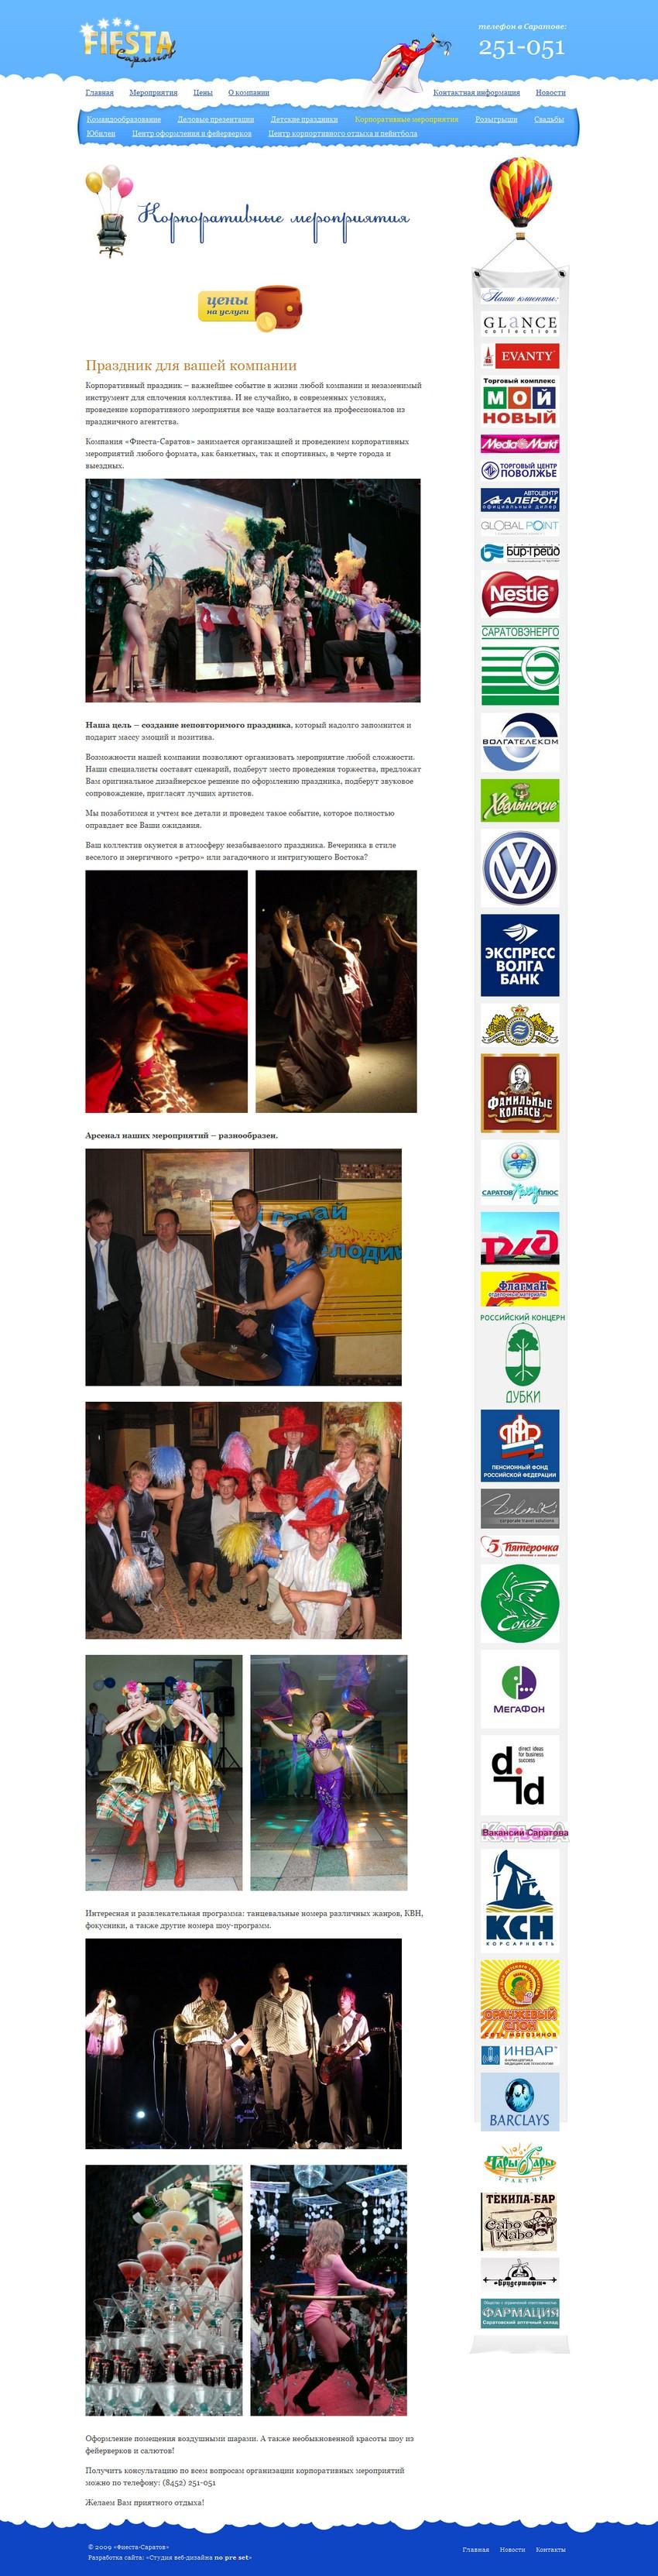 Корпоративные мероприятия - Fiesta - Организация праздников в Саратове